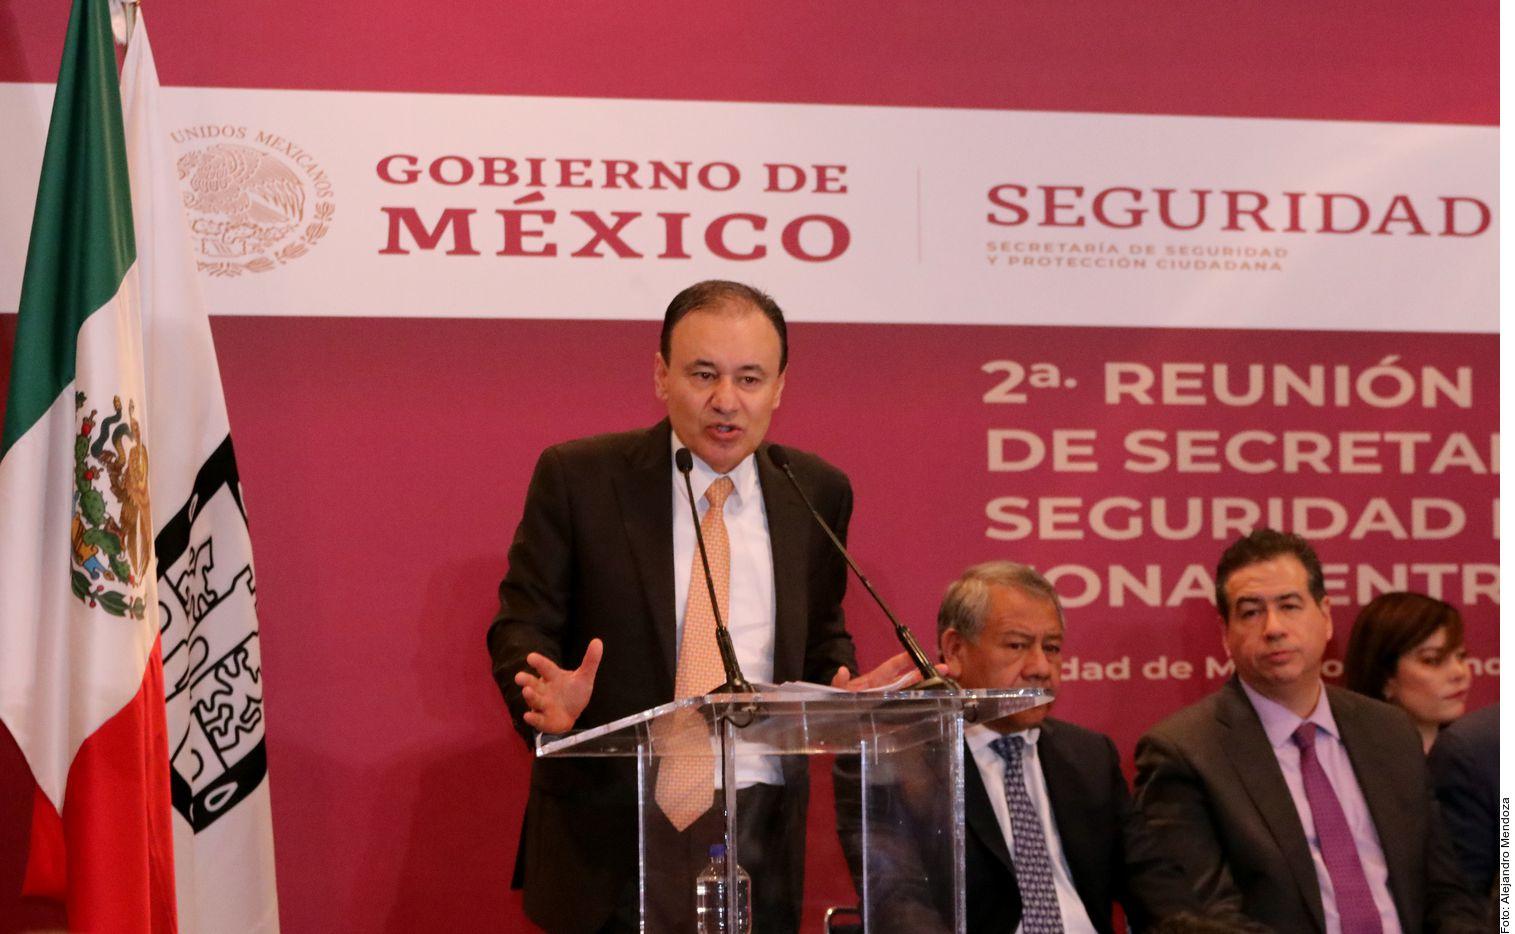 El secretario de Seguridad Ciudadana, Alfonso Durazo informó que hay detenidos en el caso de la masacre de la familia LeBarón en Chihuahua.